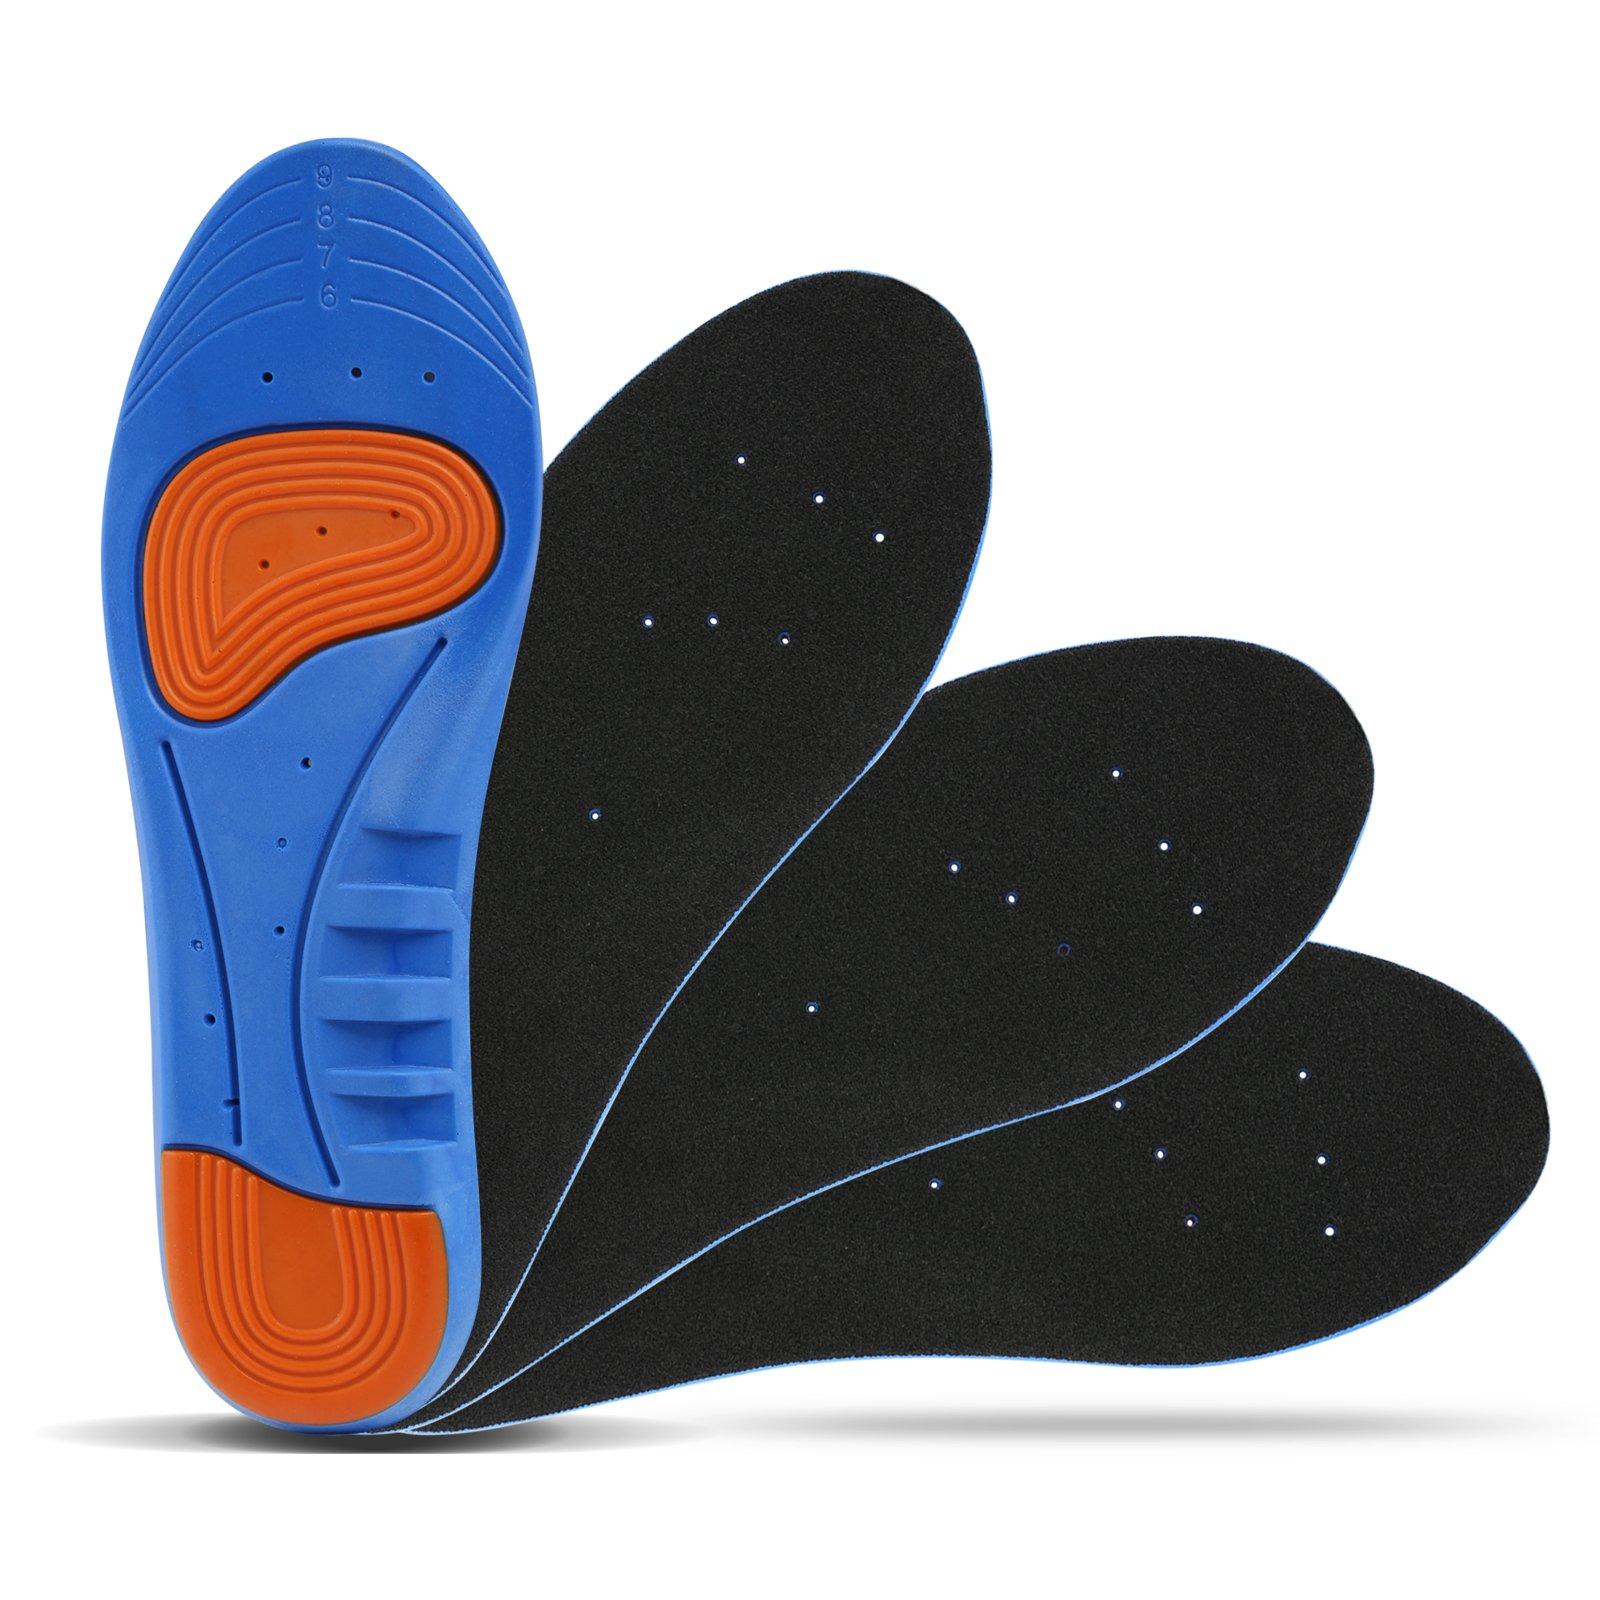 LIHAO 2 Pares de Plantillas Zapatos Unisex Plantillas Gel Deportivas(Azul y Naranja)(